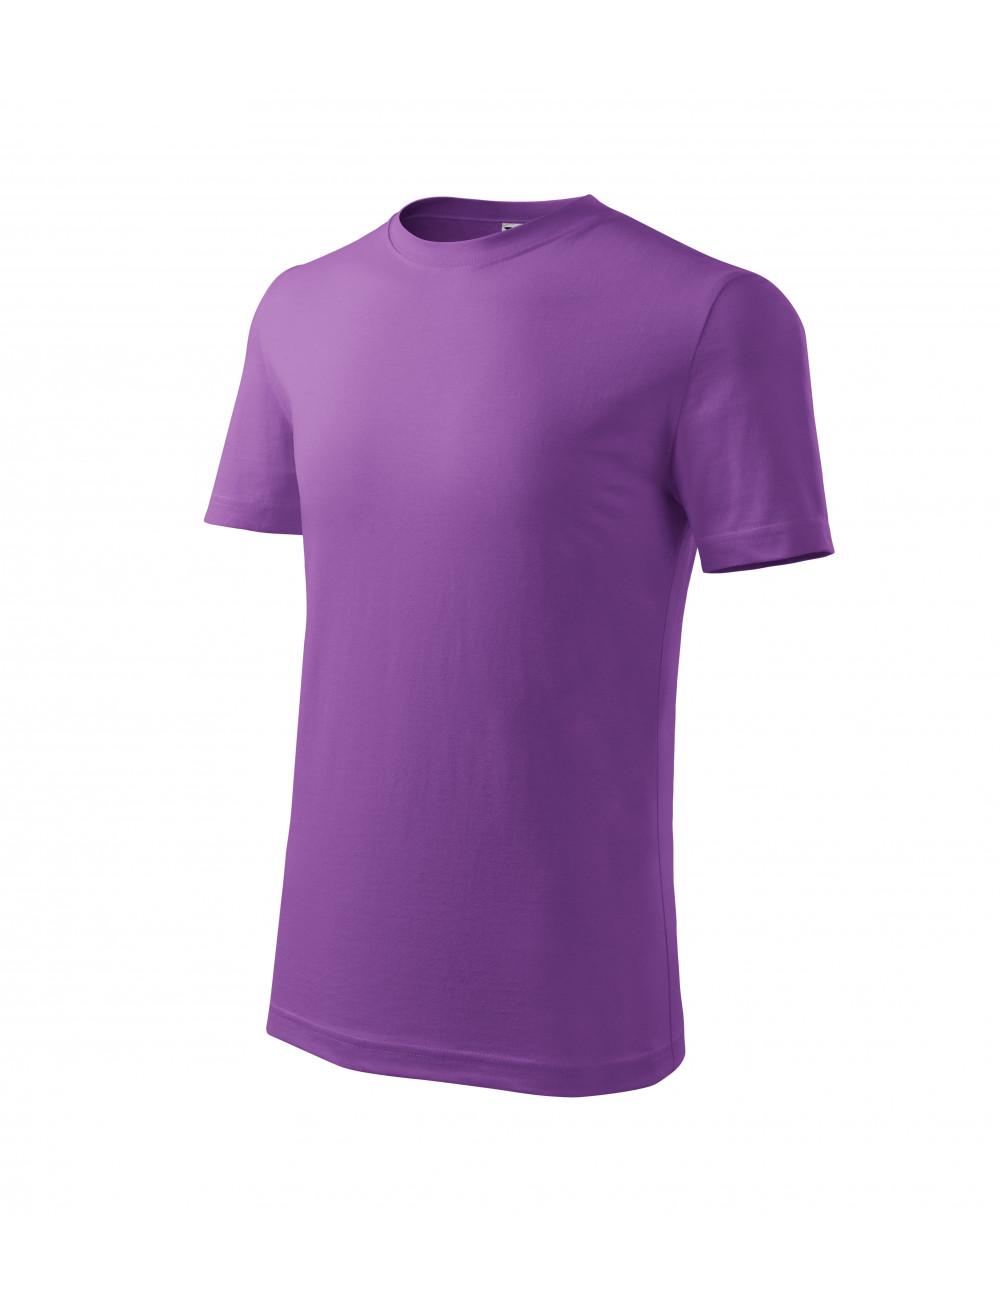 Adler MALFINI Koszulka dziecięca Classic New 135 fioletowy